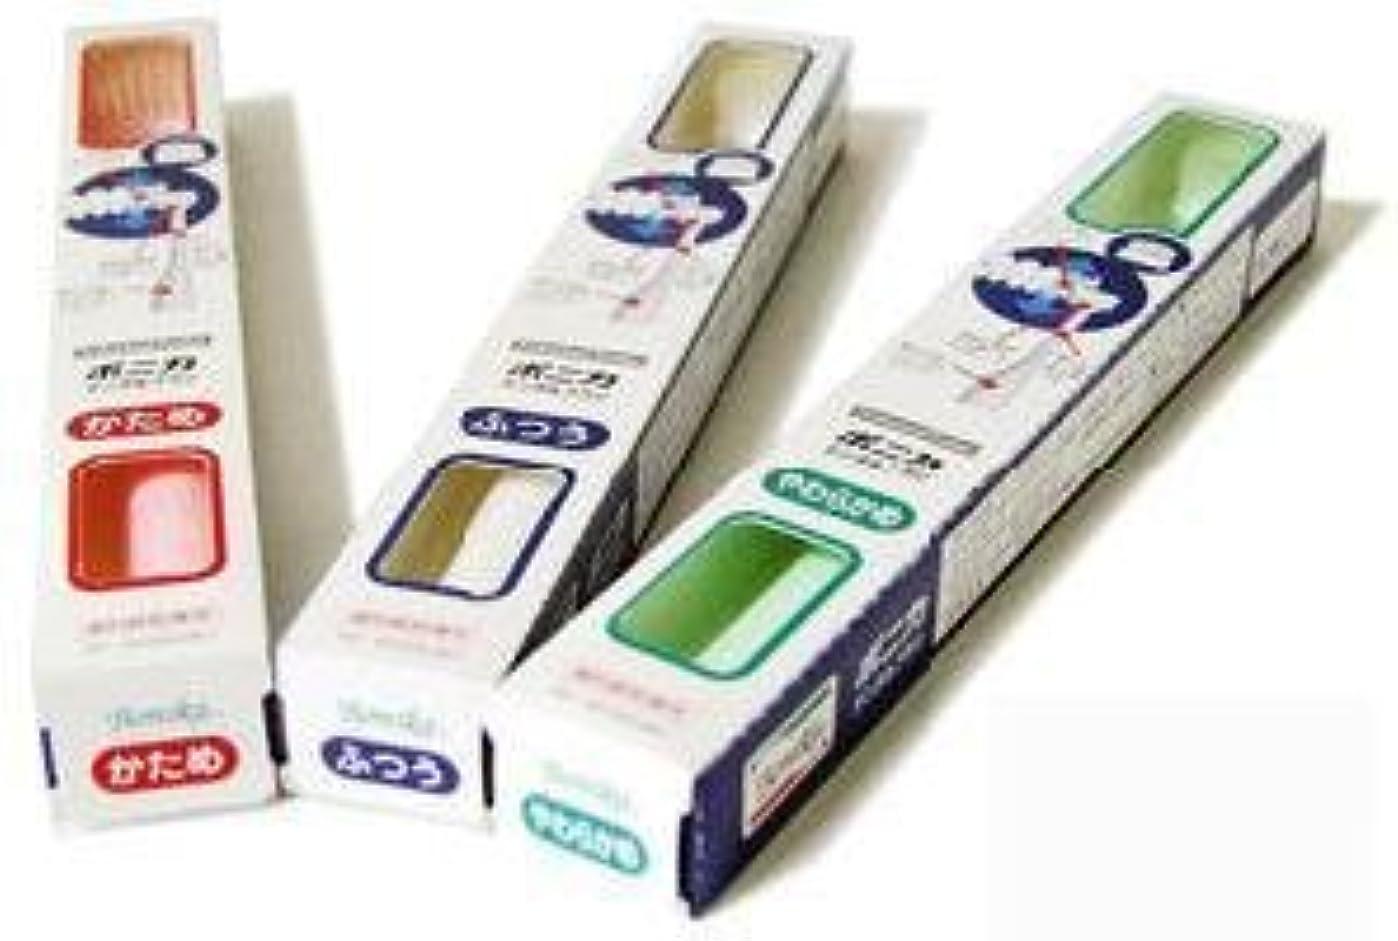 コントラストビデオコンクリートボニカ 歯ブラシ スタンダード やわらかめ 1本